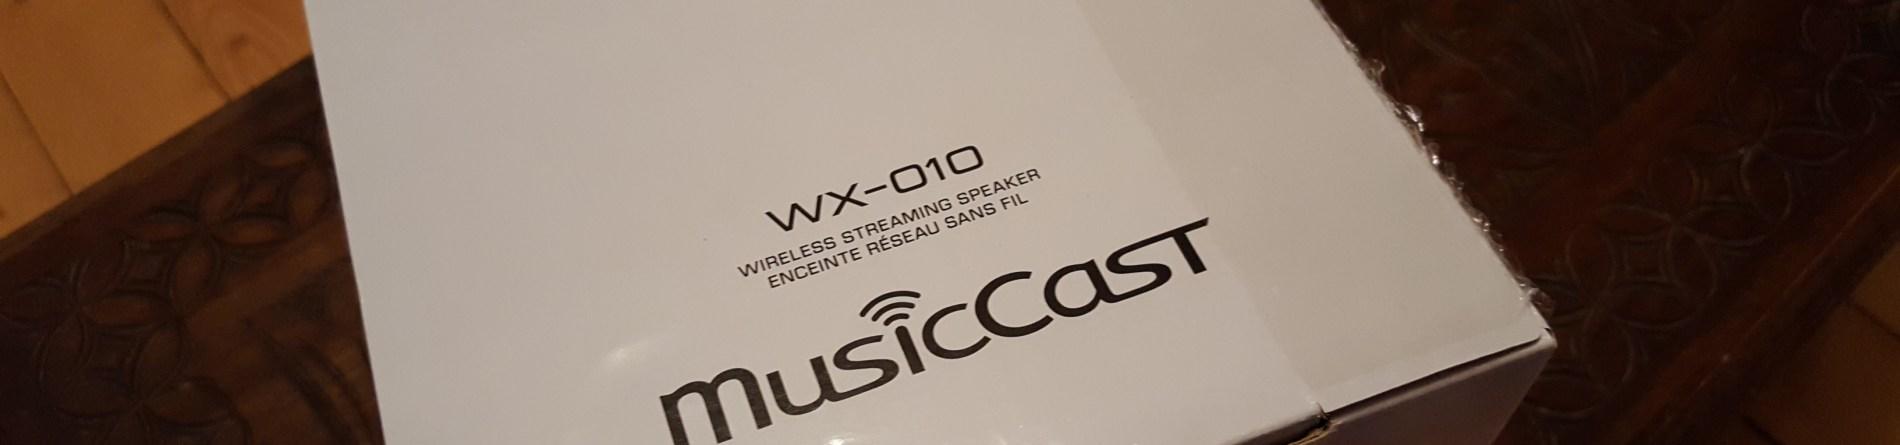 Testserie: Yamaha MusicCast WX-010 – Vorstellung und Auspacken